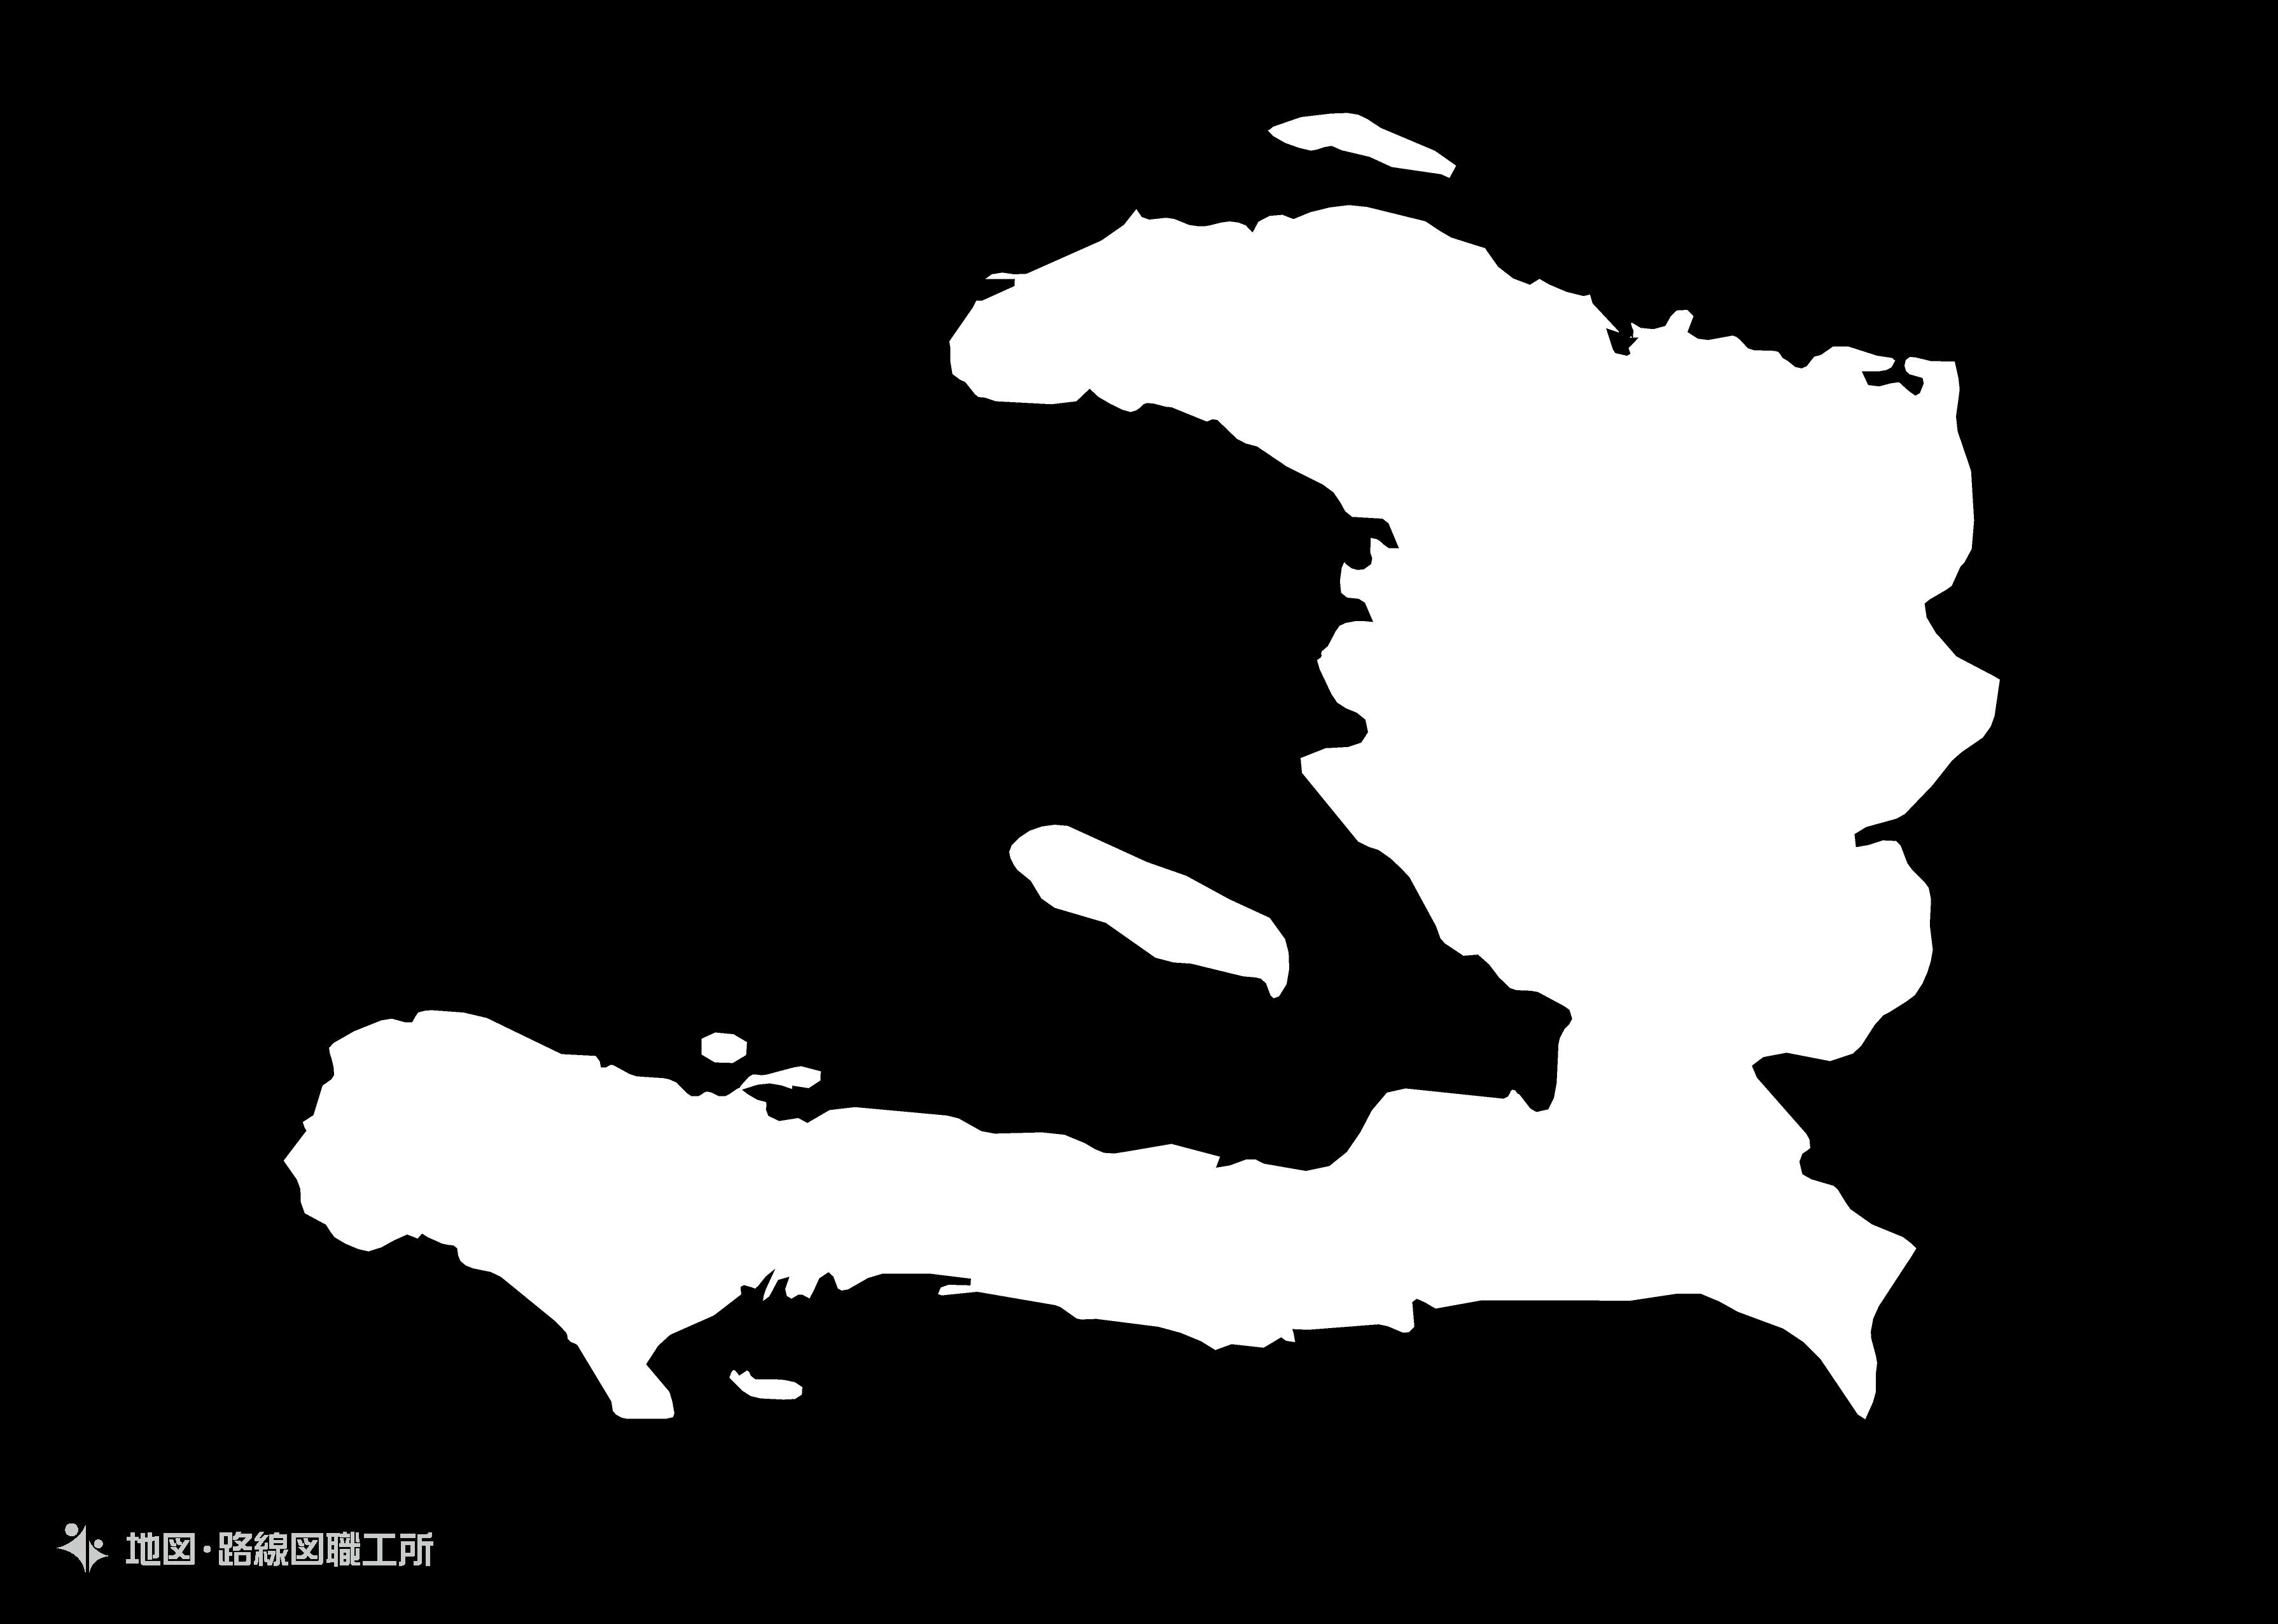 世界の白地図 ハイチ共和国 republic-of-haiti map